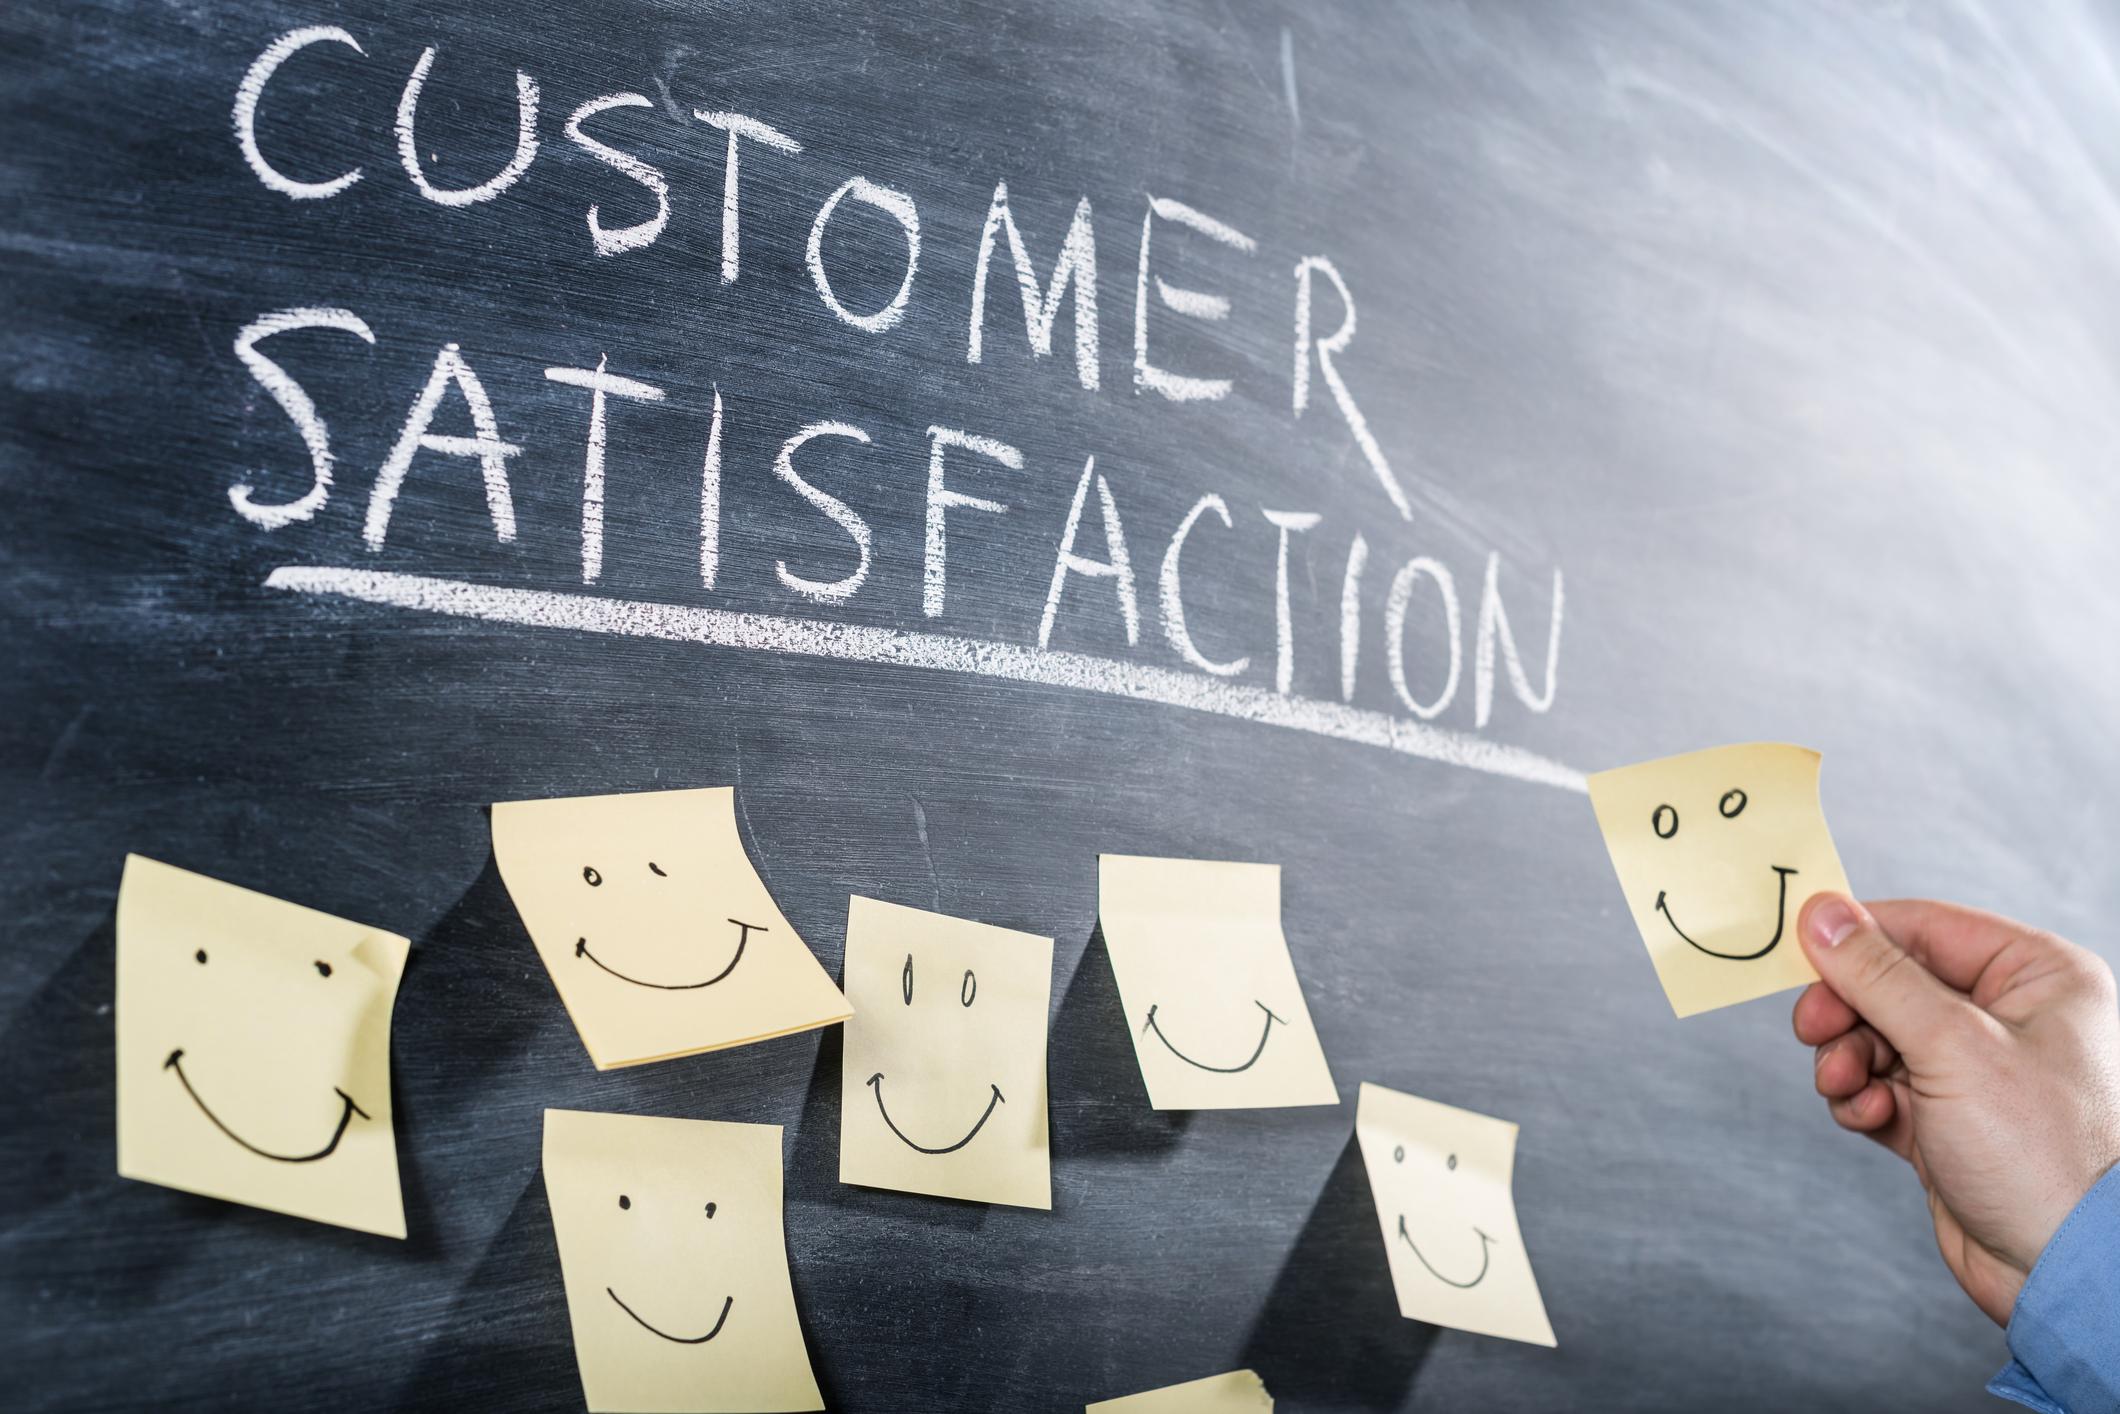 Đặt khách hàng làm trung tâm của việc sản xuất content (cre: Blog - Automile)